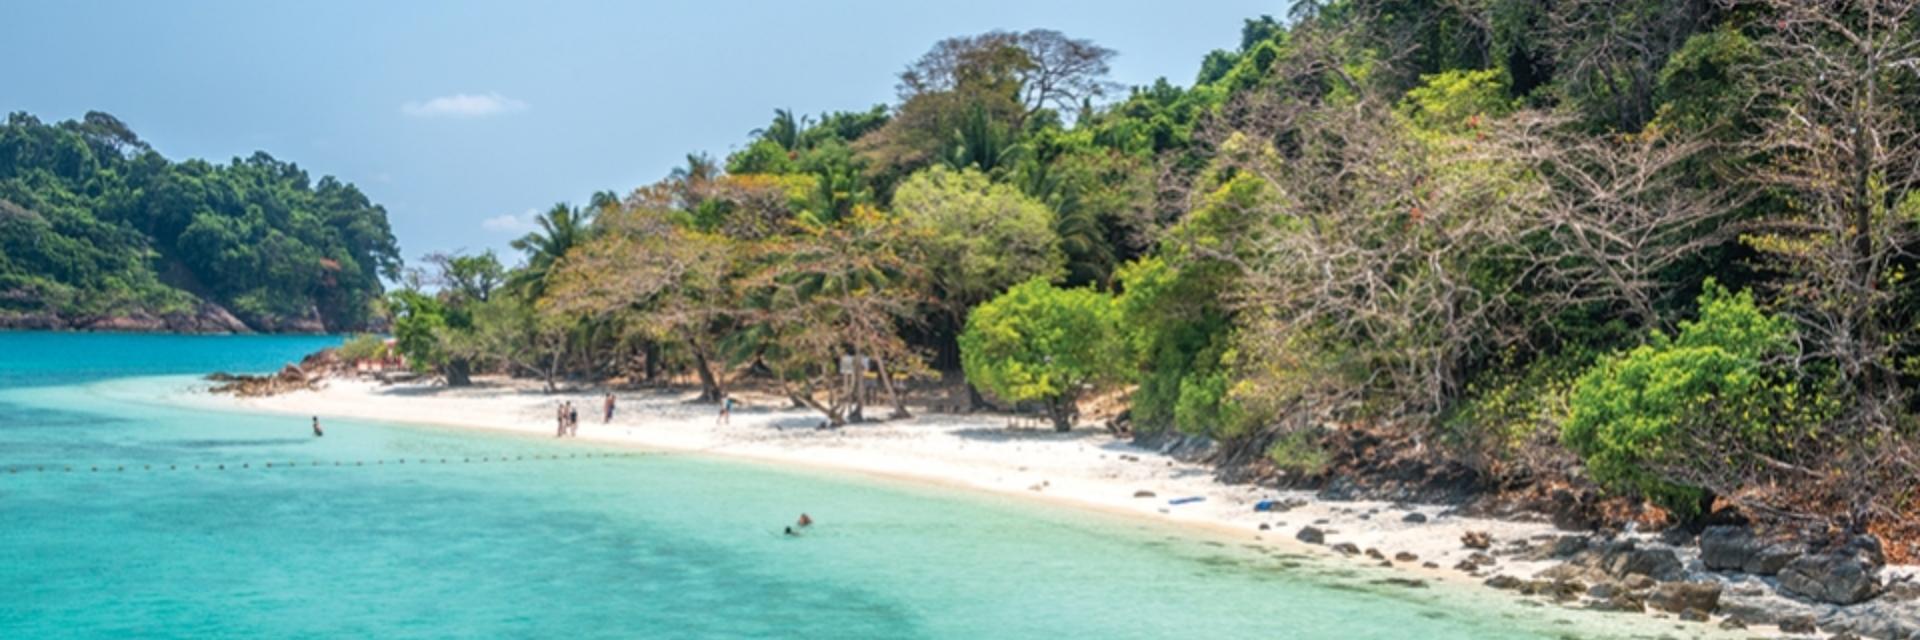 หมู่เกาะรัง อุทยานแห่งชาติเกาะช้าง จังหวัดตราด